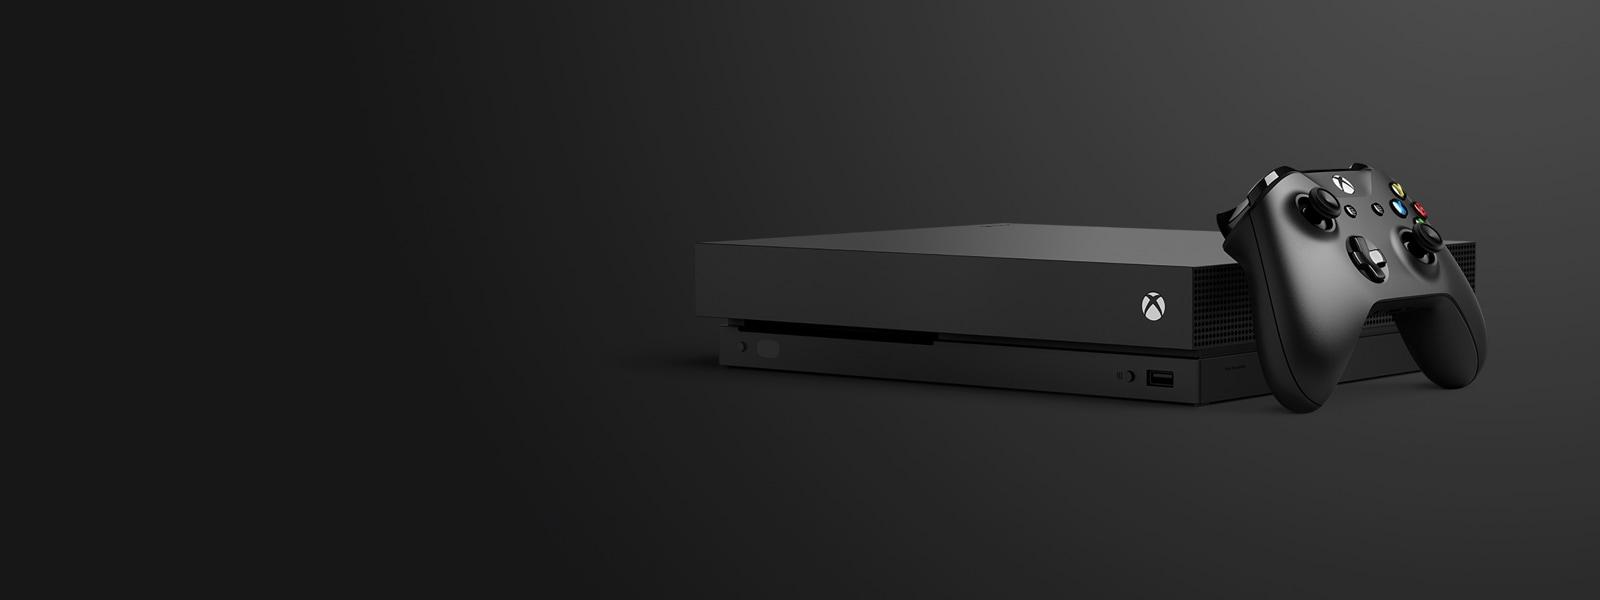 Eine Xbox One X mit Controller